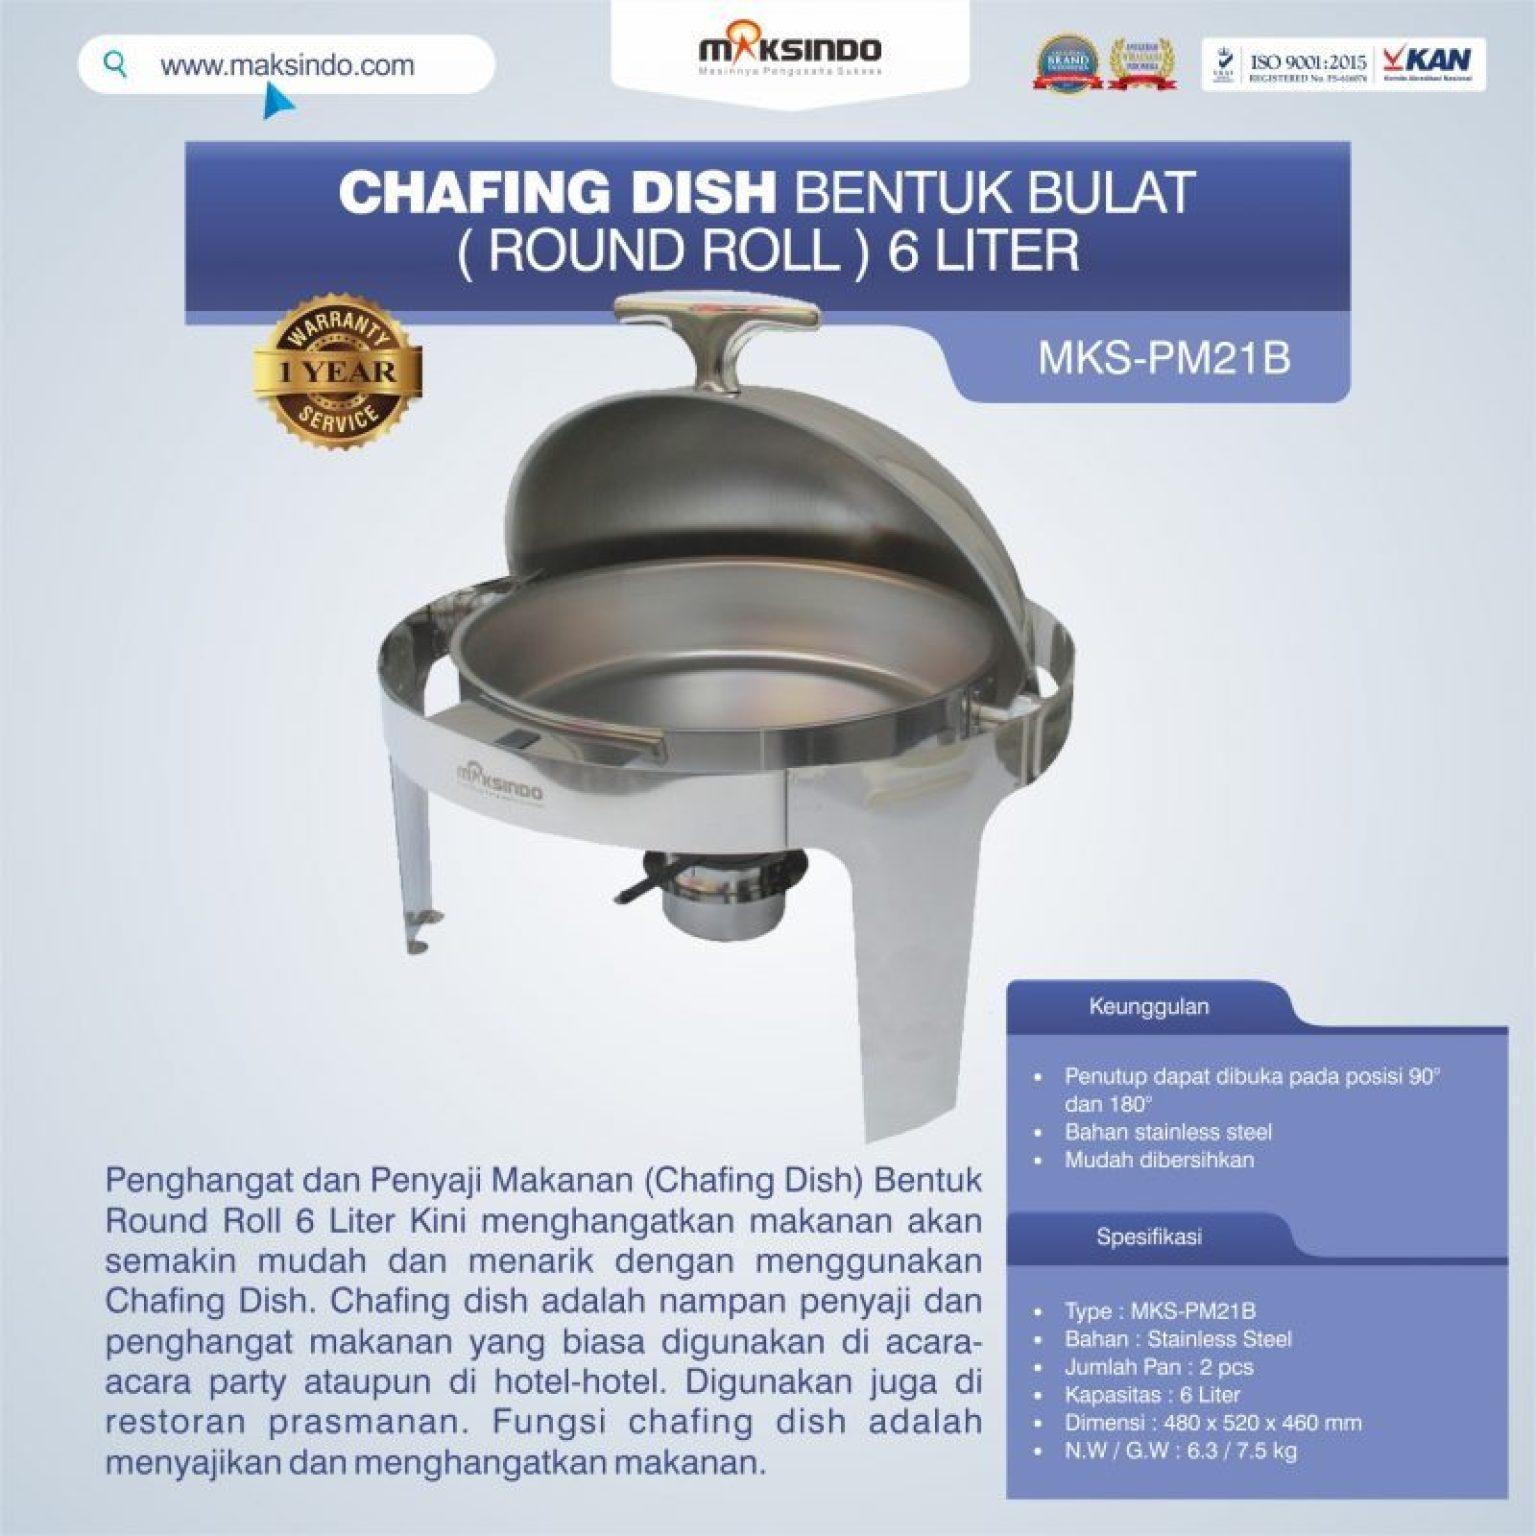 Jual Chafing Dish Bentuk Bulat (Round Roll) 6 Liter di Semarang